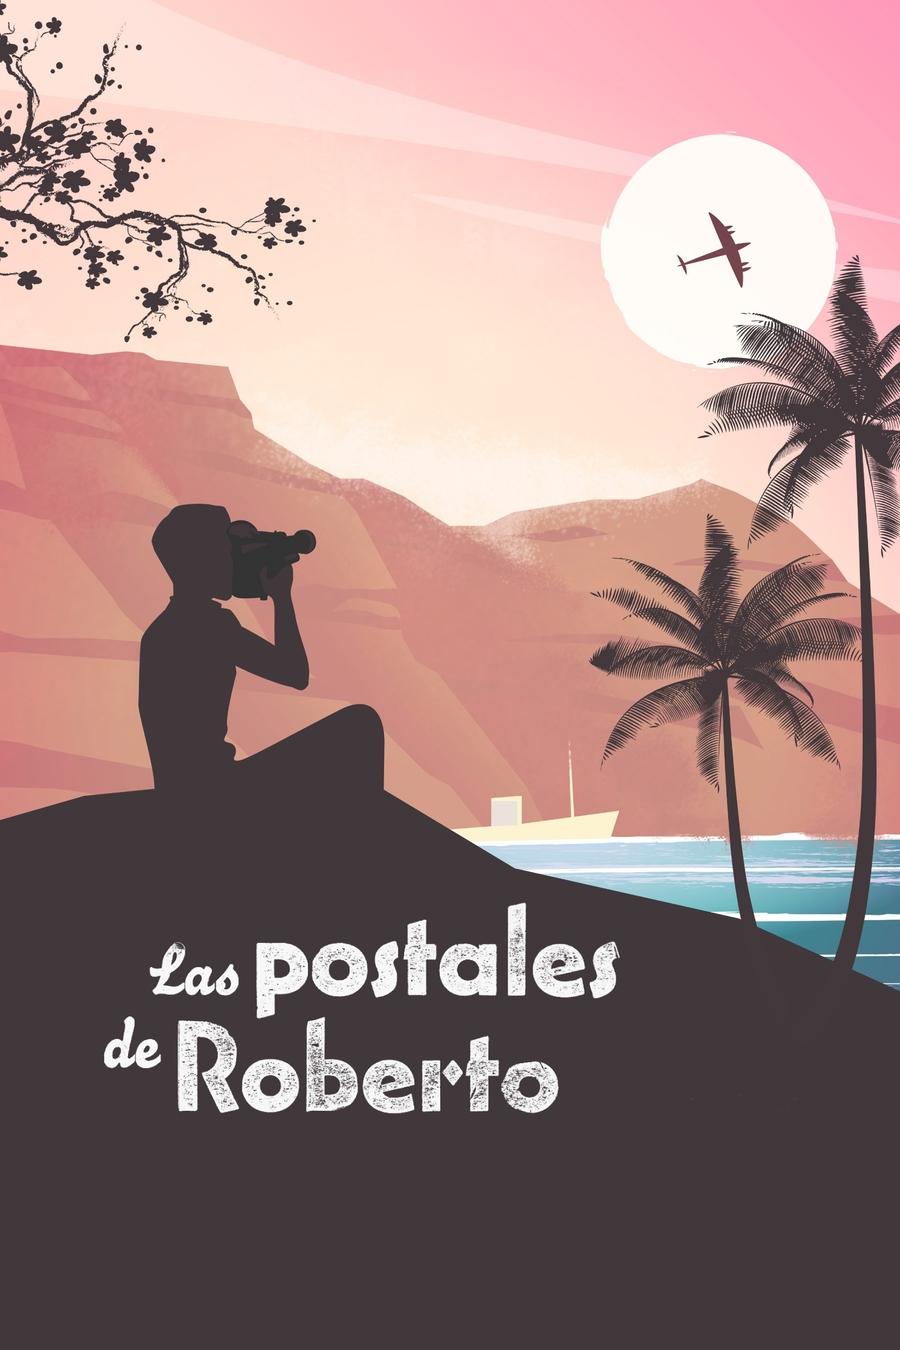 Las postales de Roberto